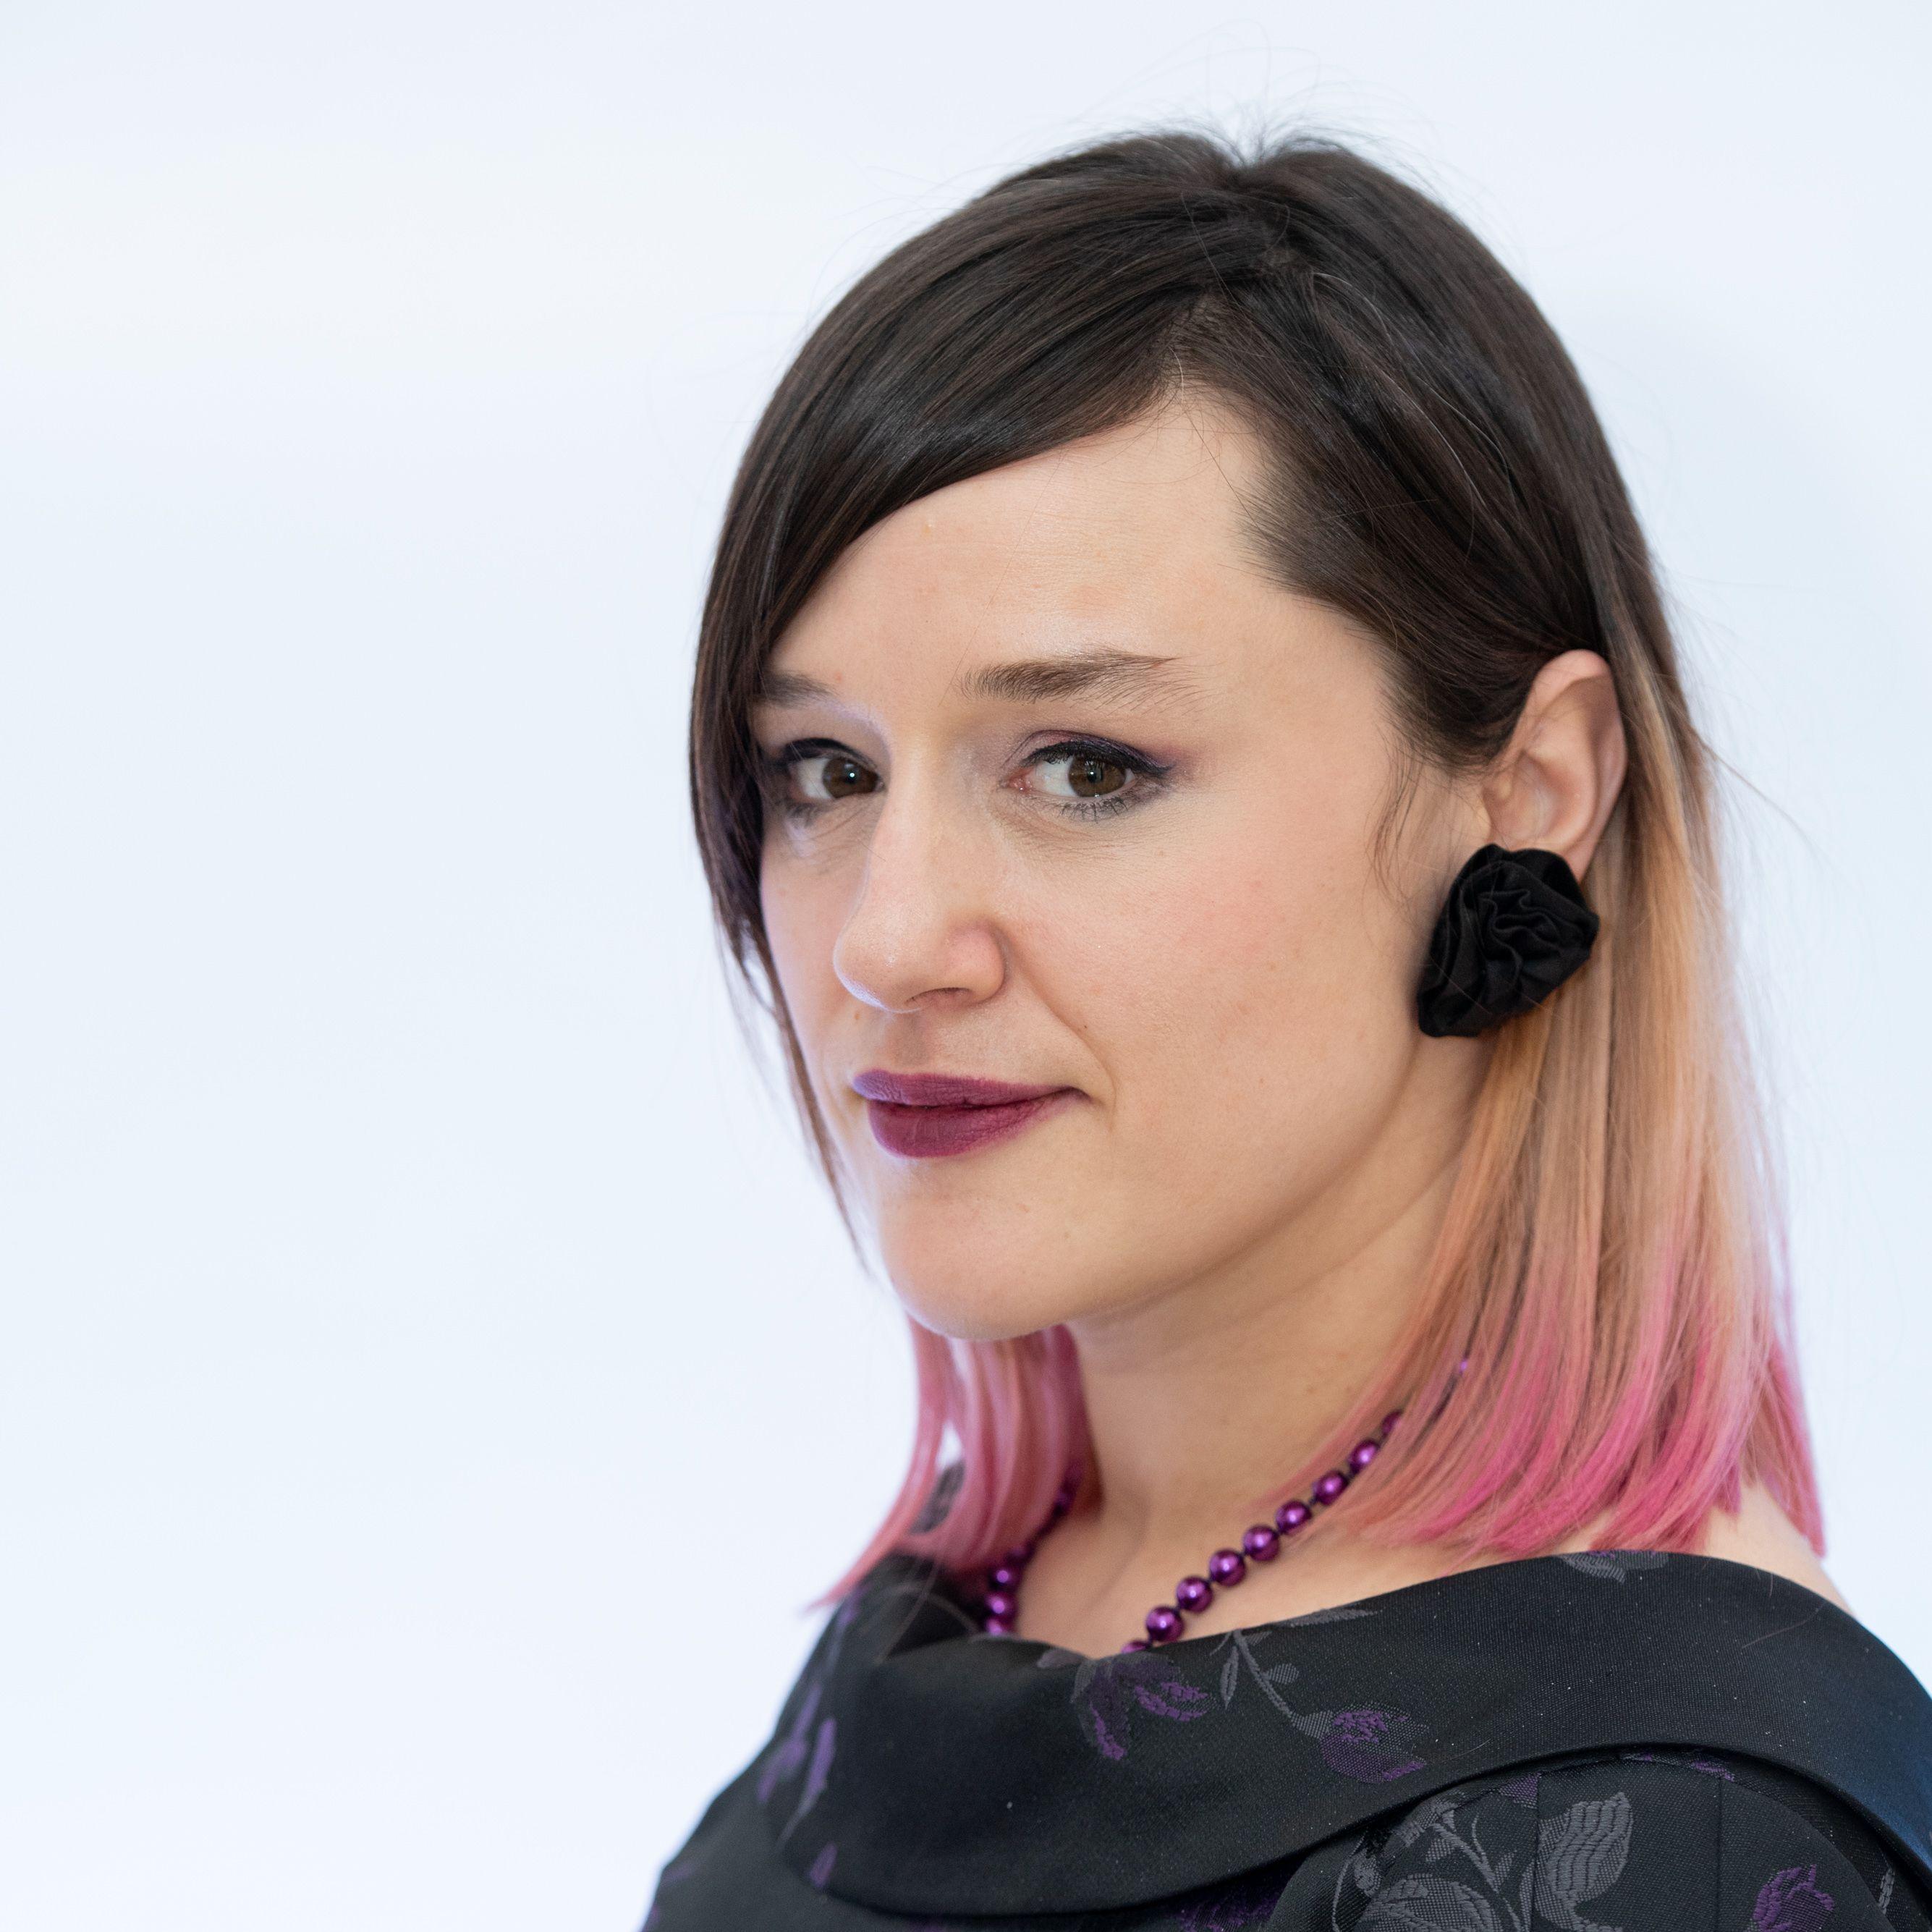 Natalija Simović